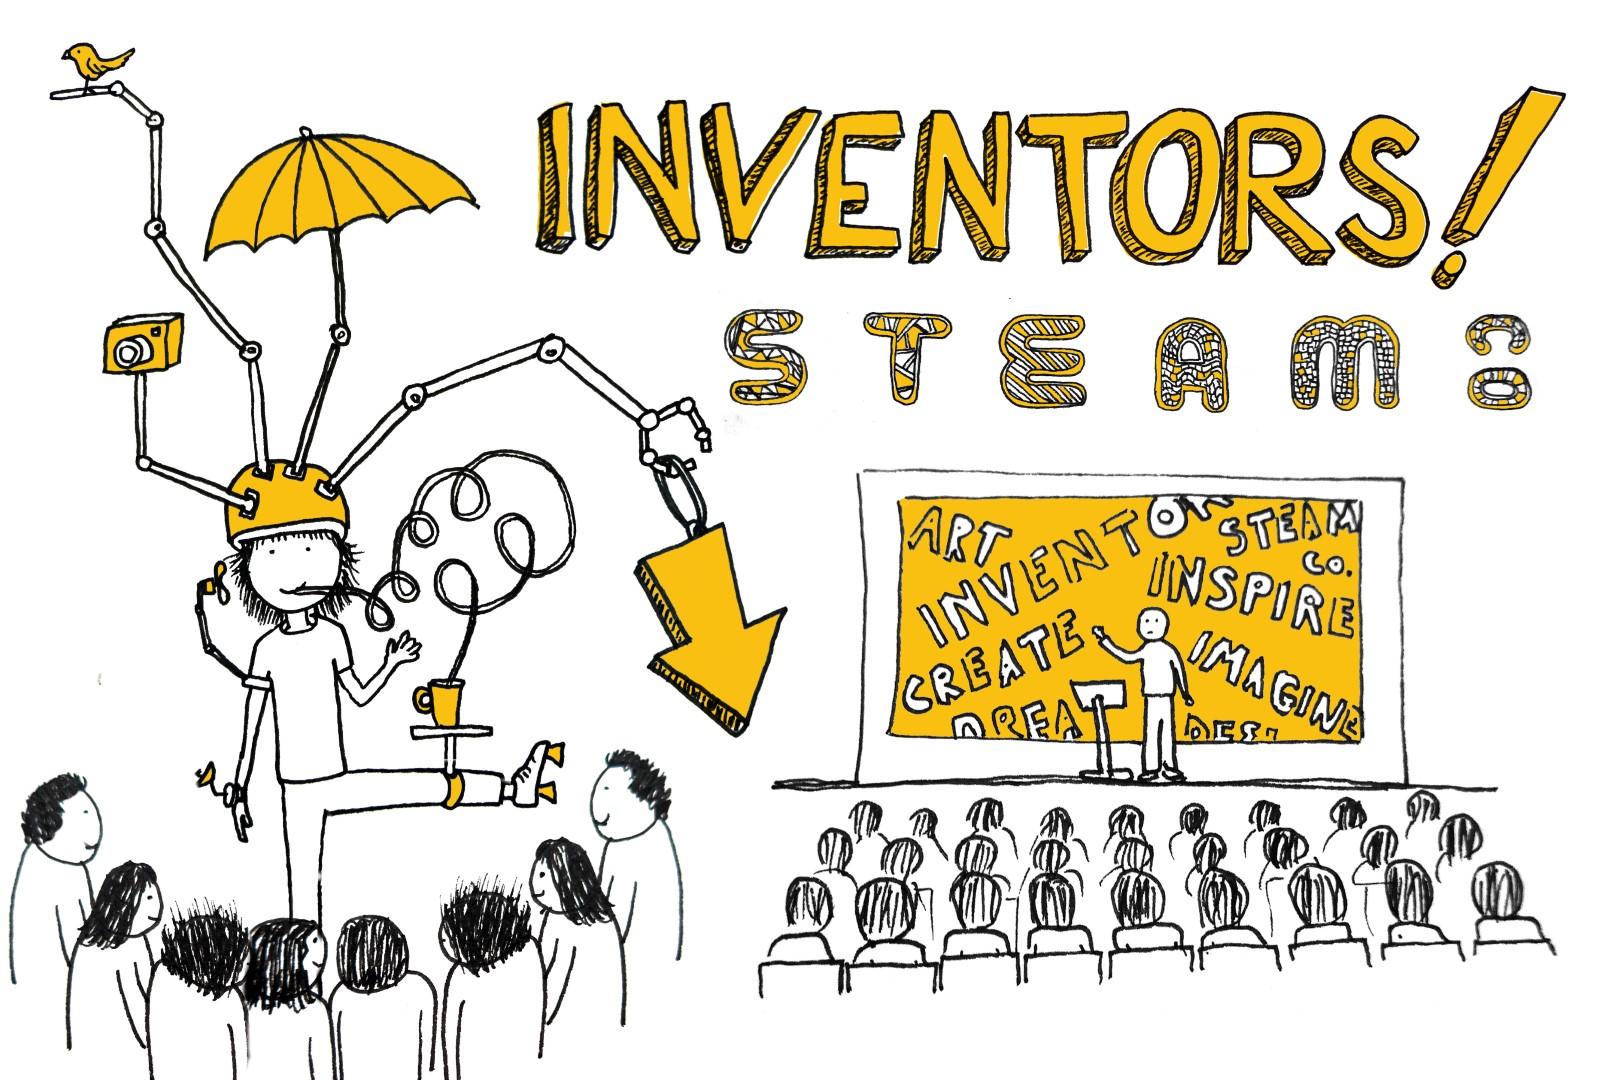 Inventors STEAM  Co Day image v2 (Large).jpg